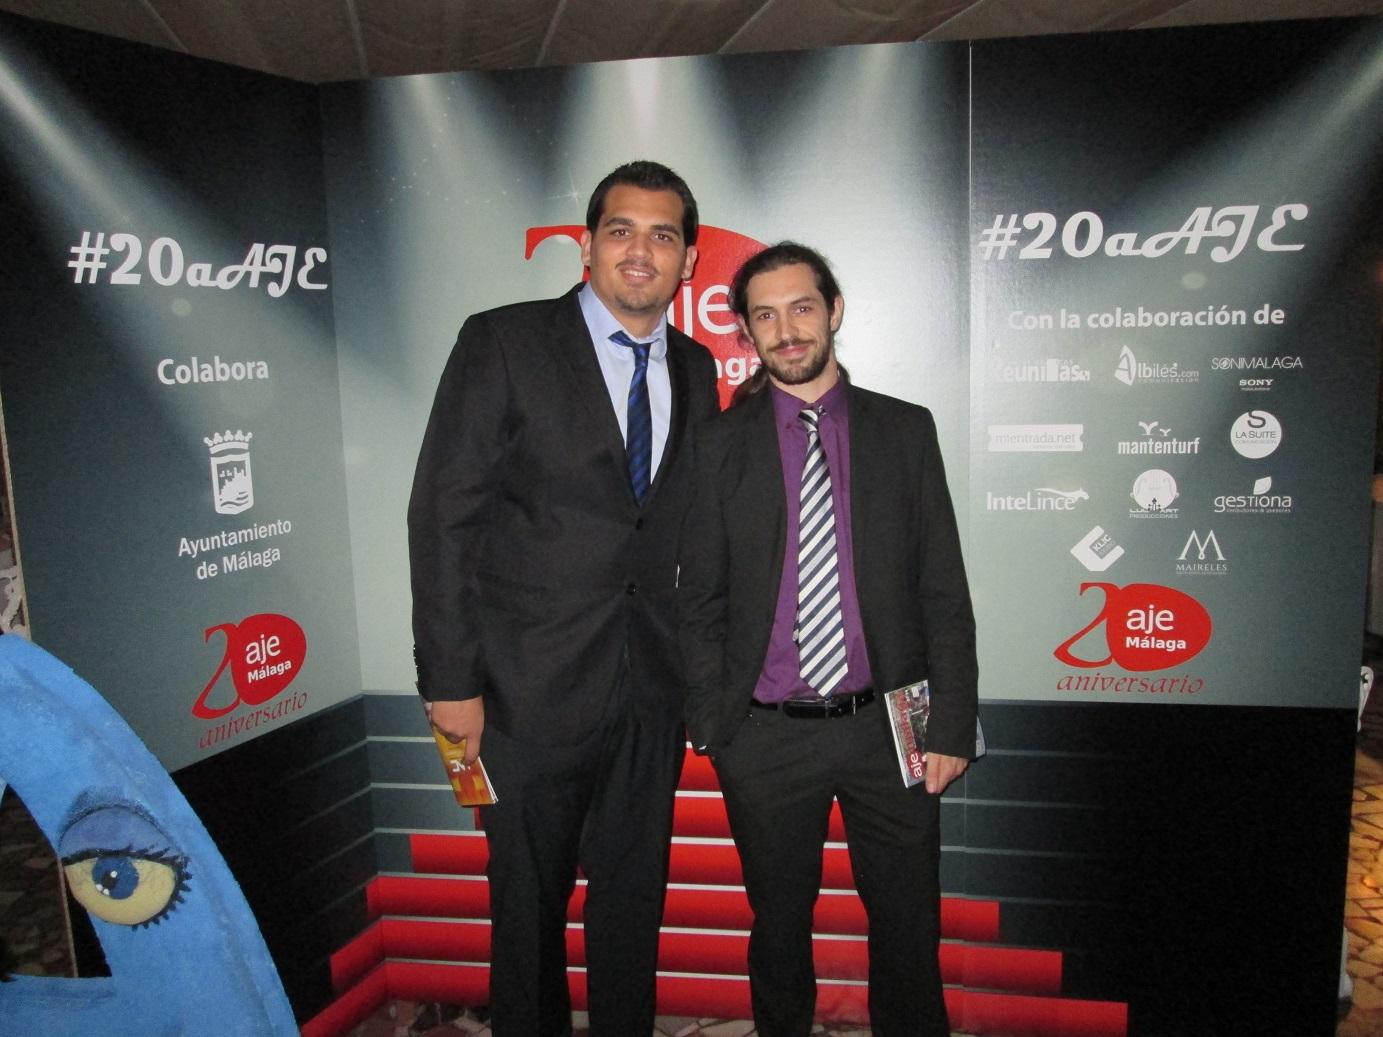 Gala 20 aniversario de AJE Málaga. Innovación, desarrollo de producto, ingeniería, I+D+i